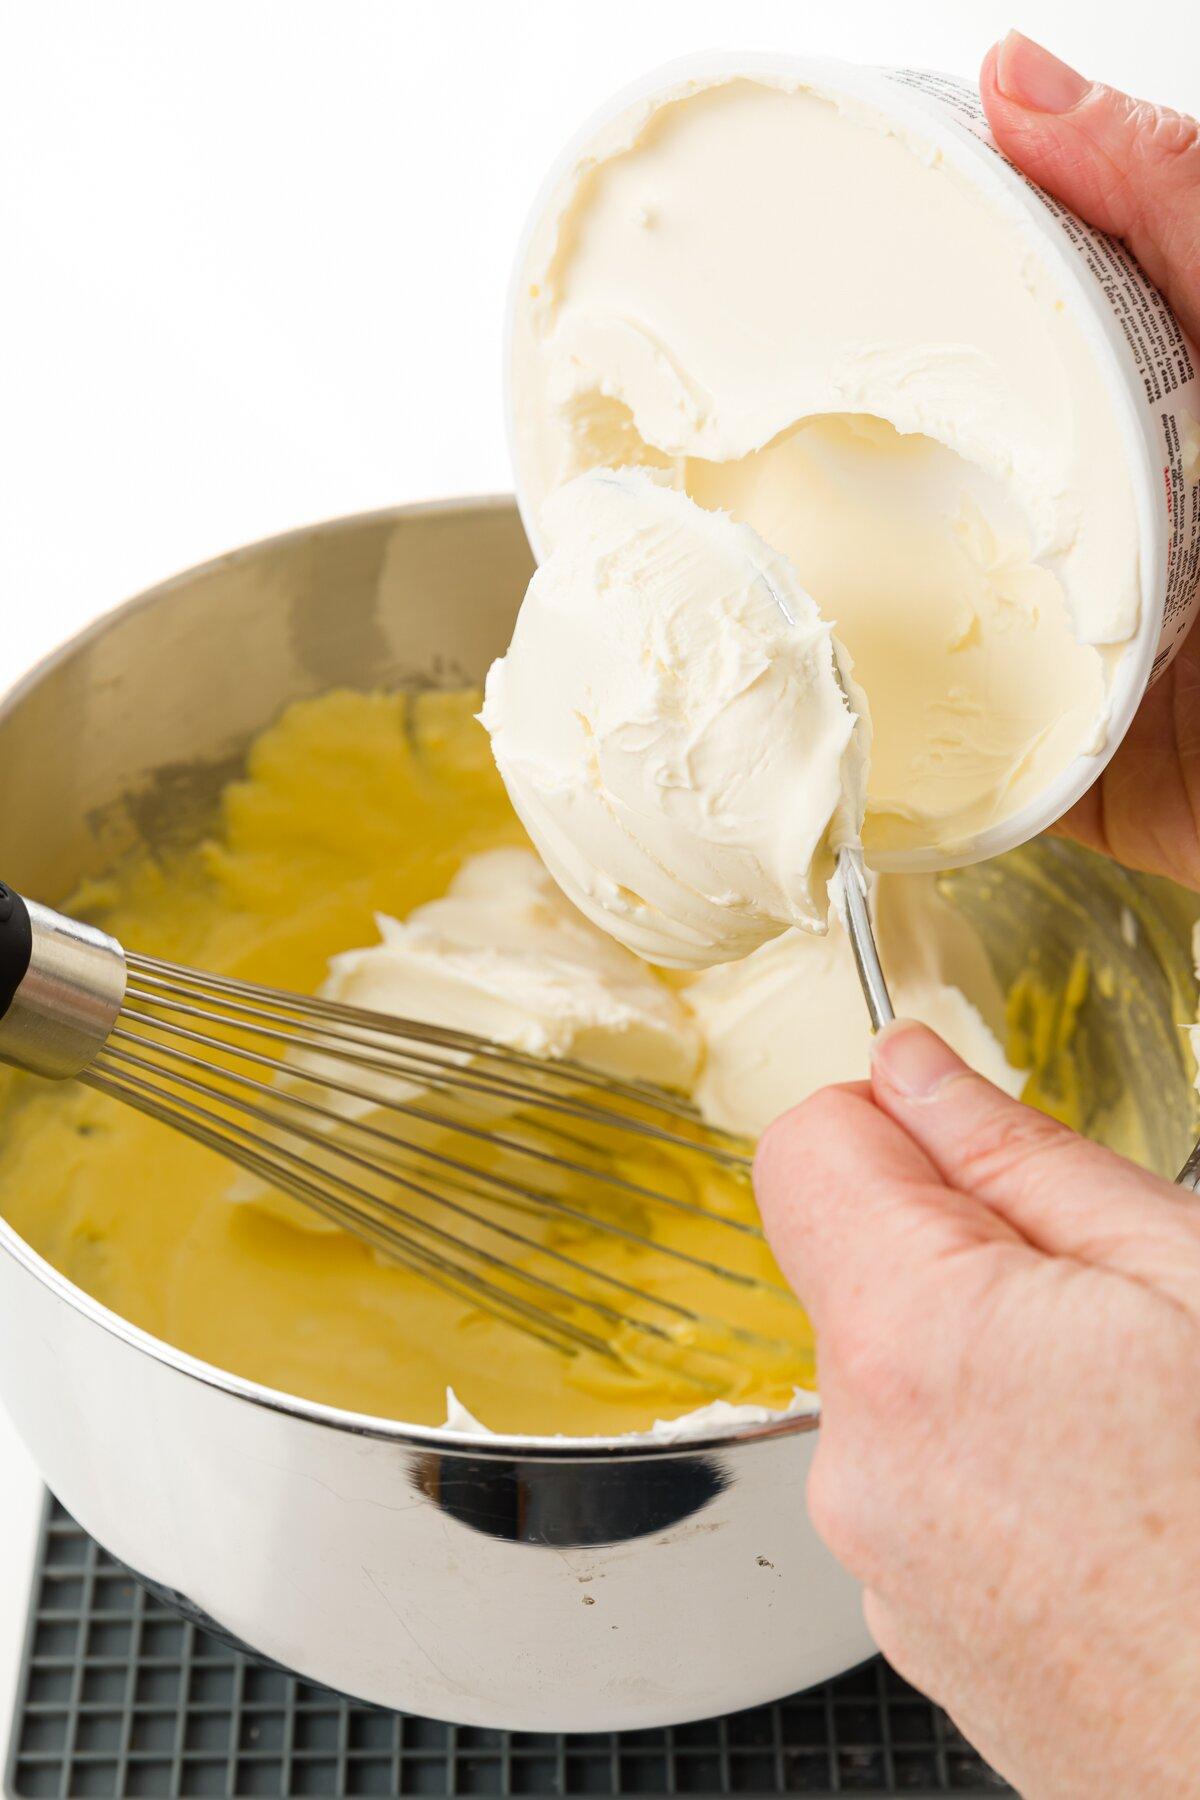 Stef agregando mascarpone a la mezcla de azúcar y claras de huevo